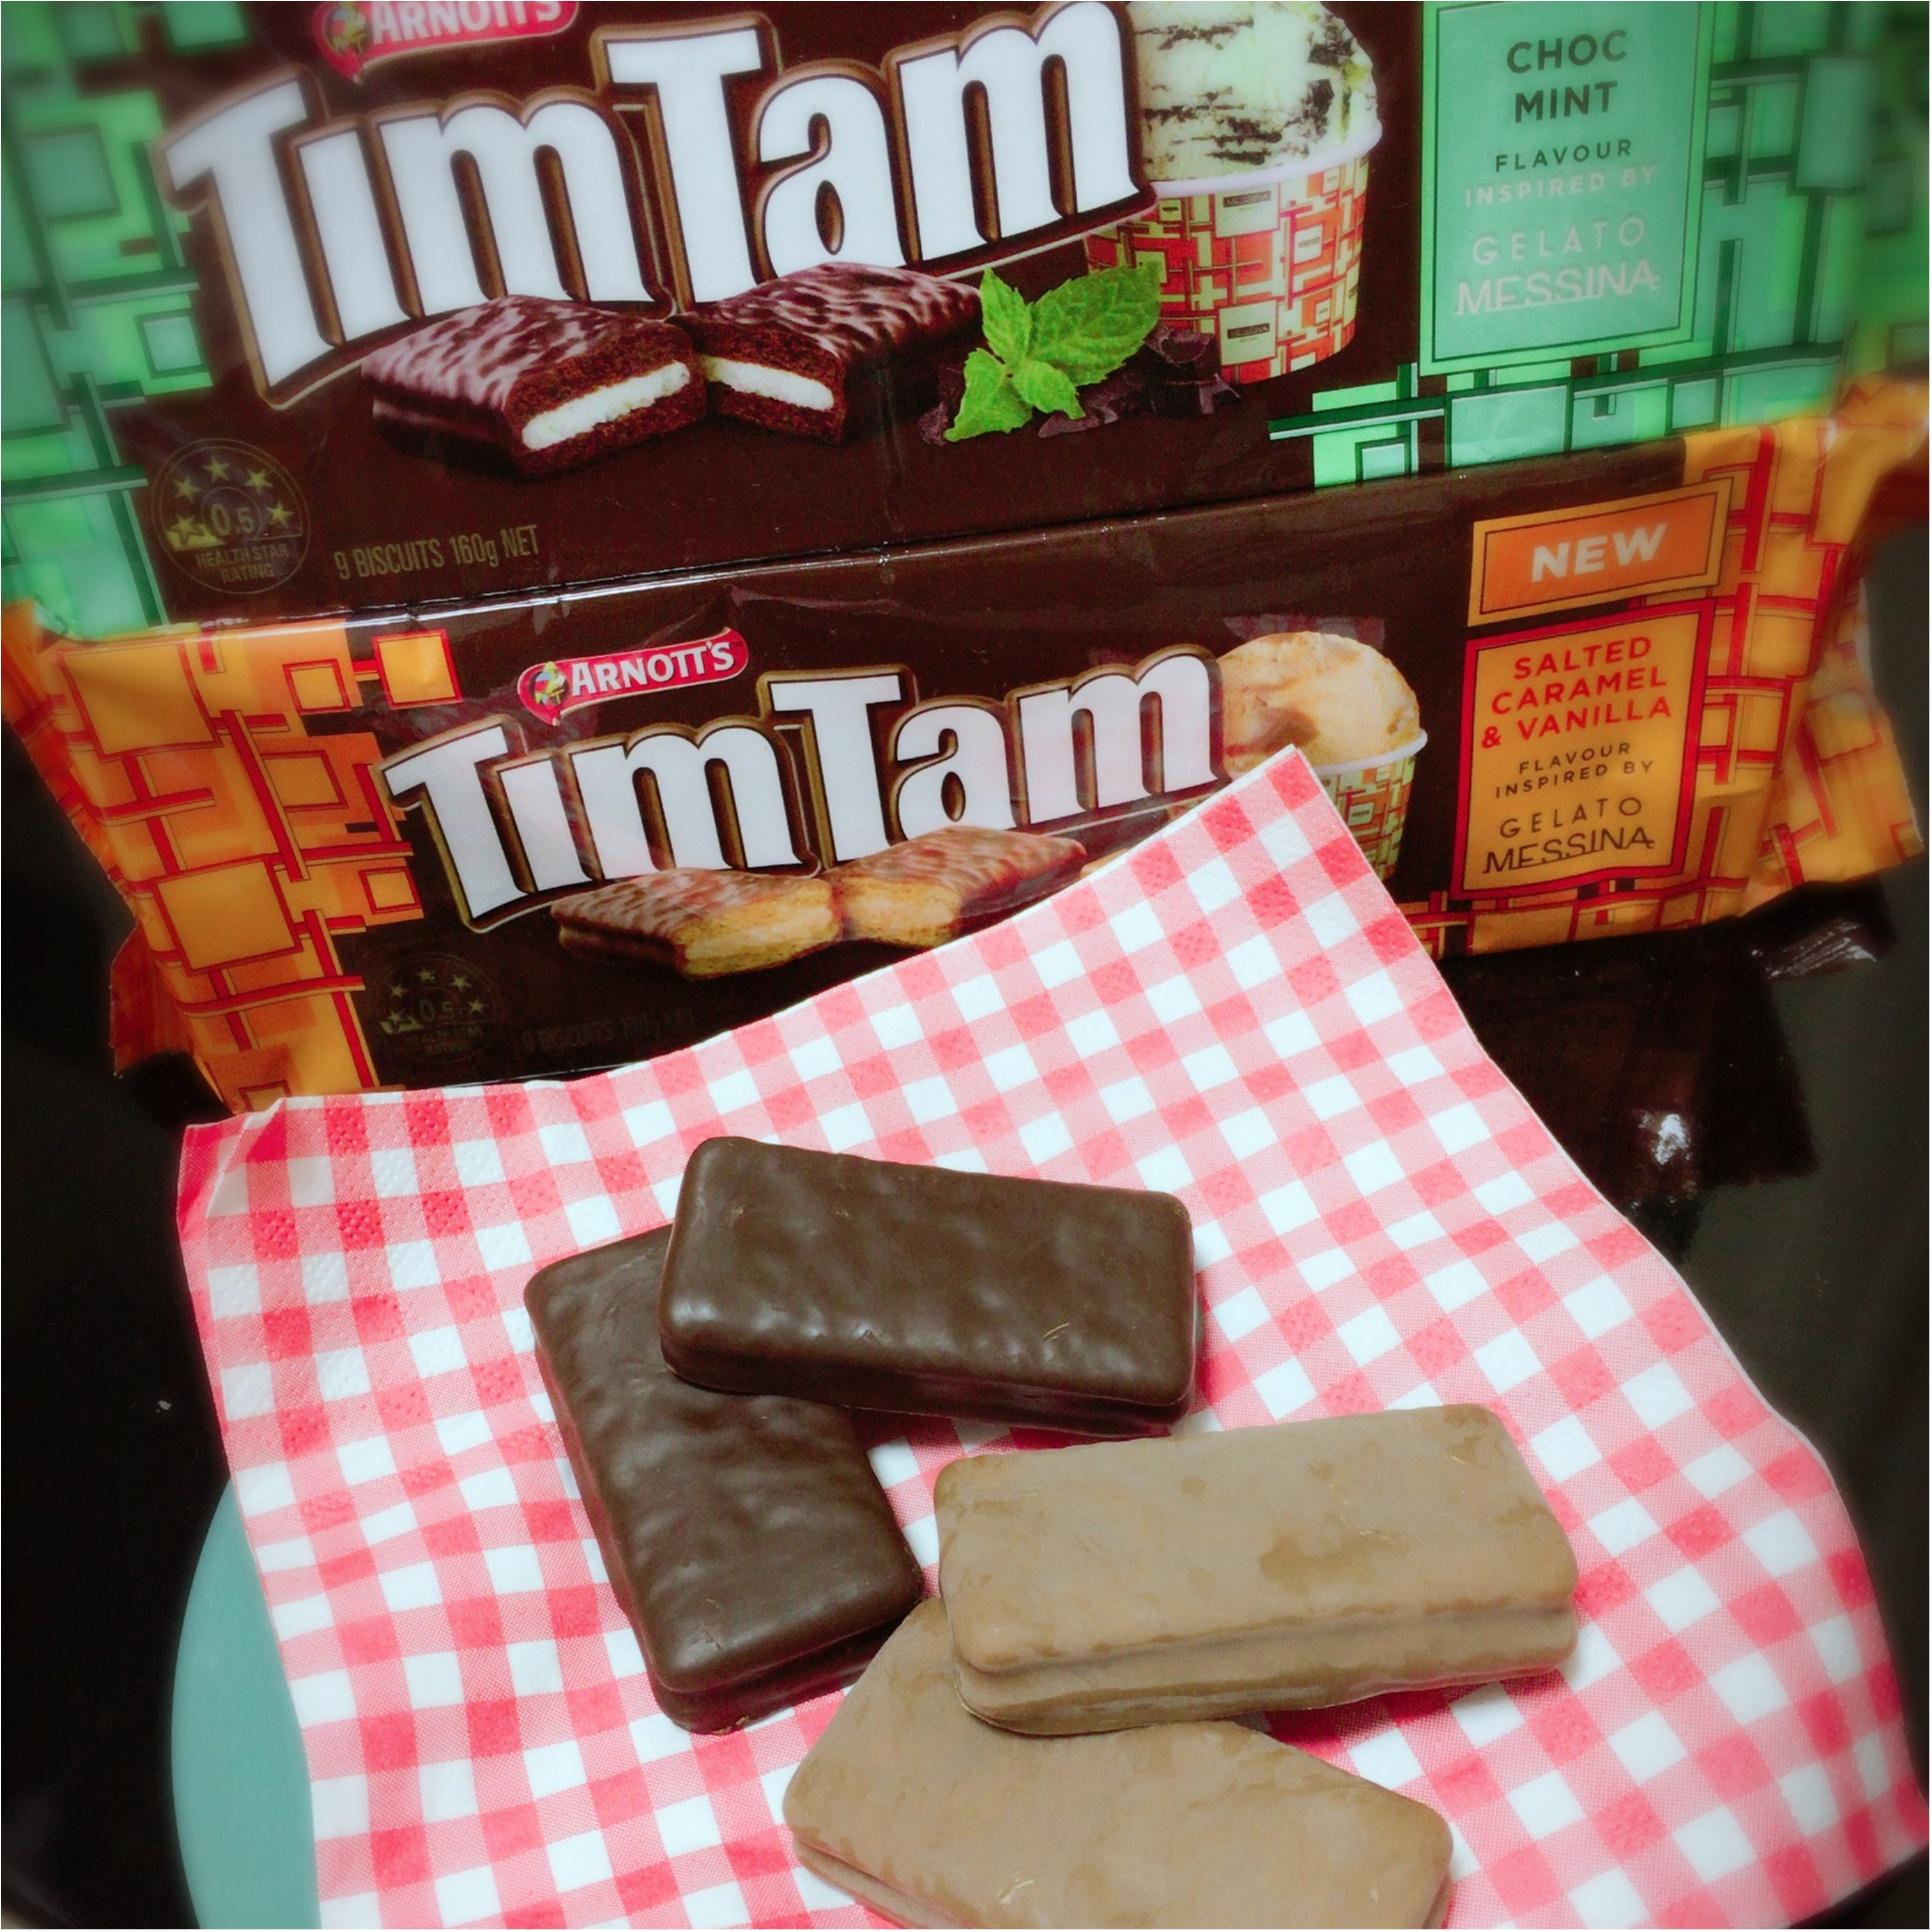 チョコミント好きはカルディーへ急げ!♡ TimTamから今シーズン限定フレーバーが登場!!_2